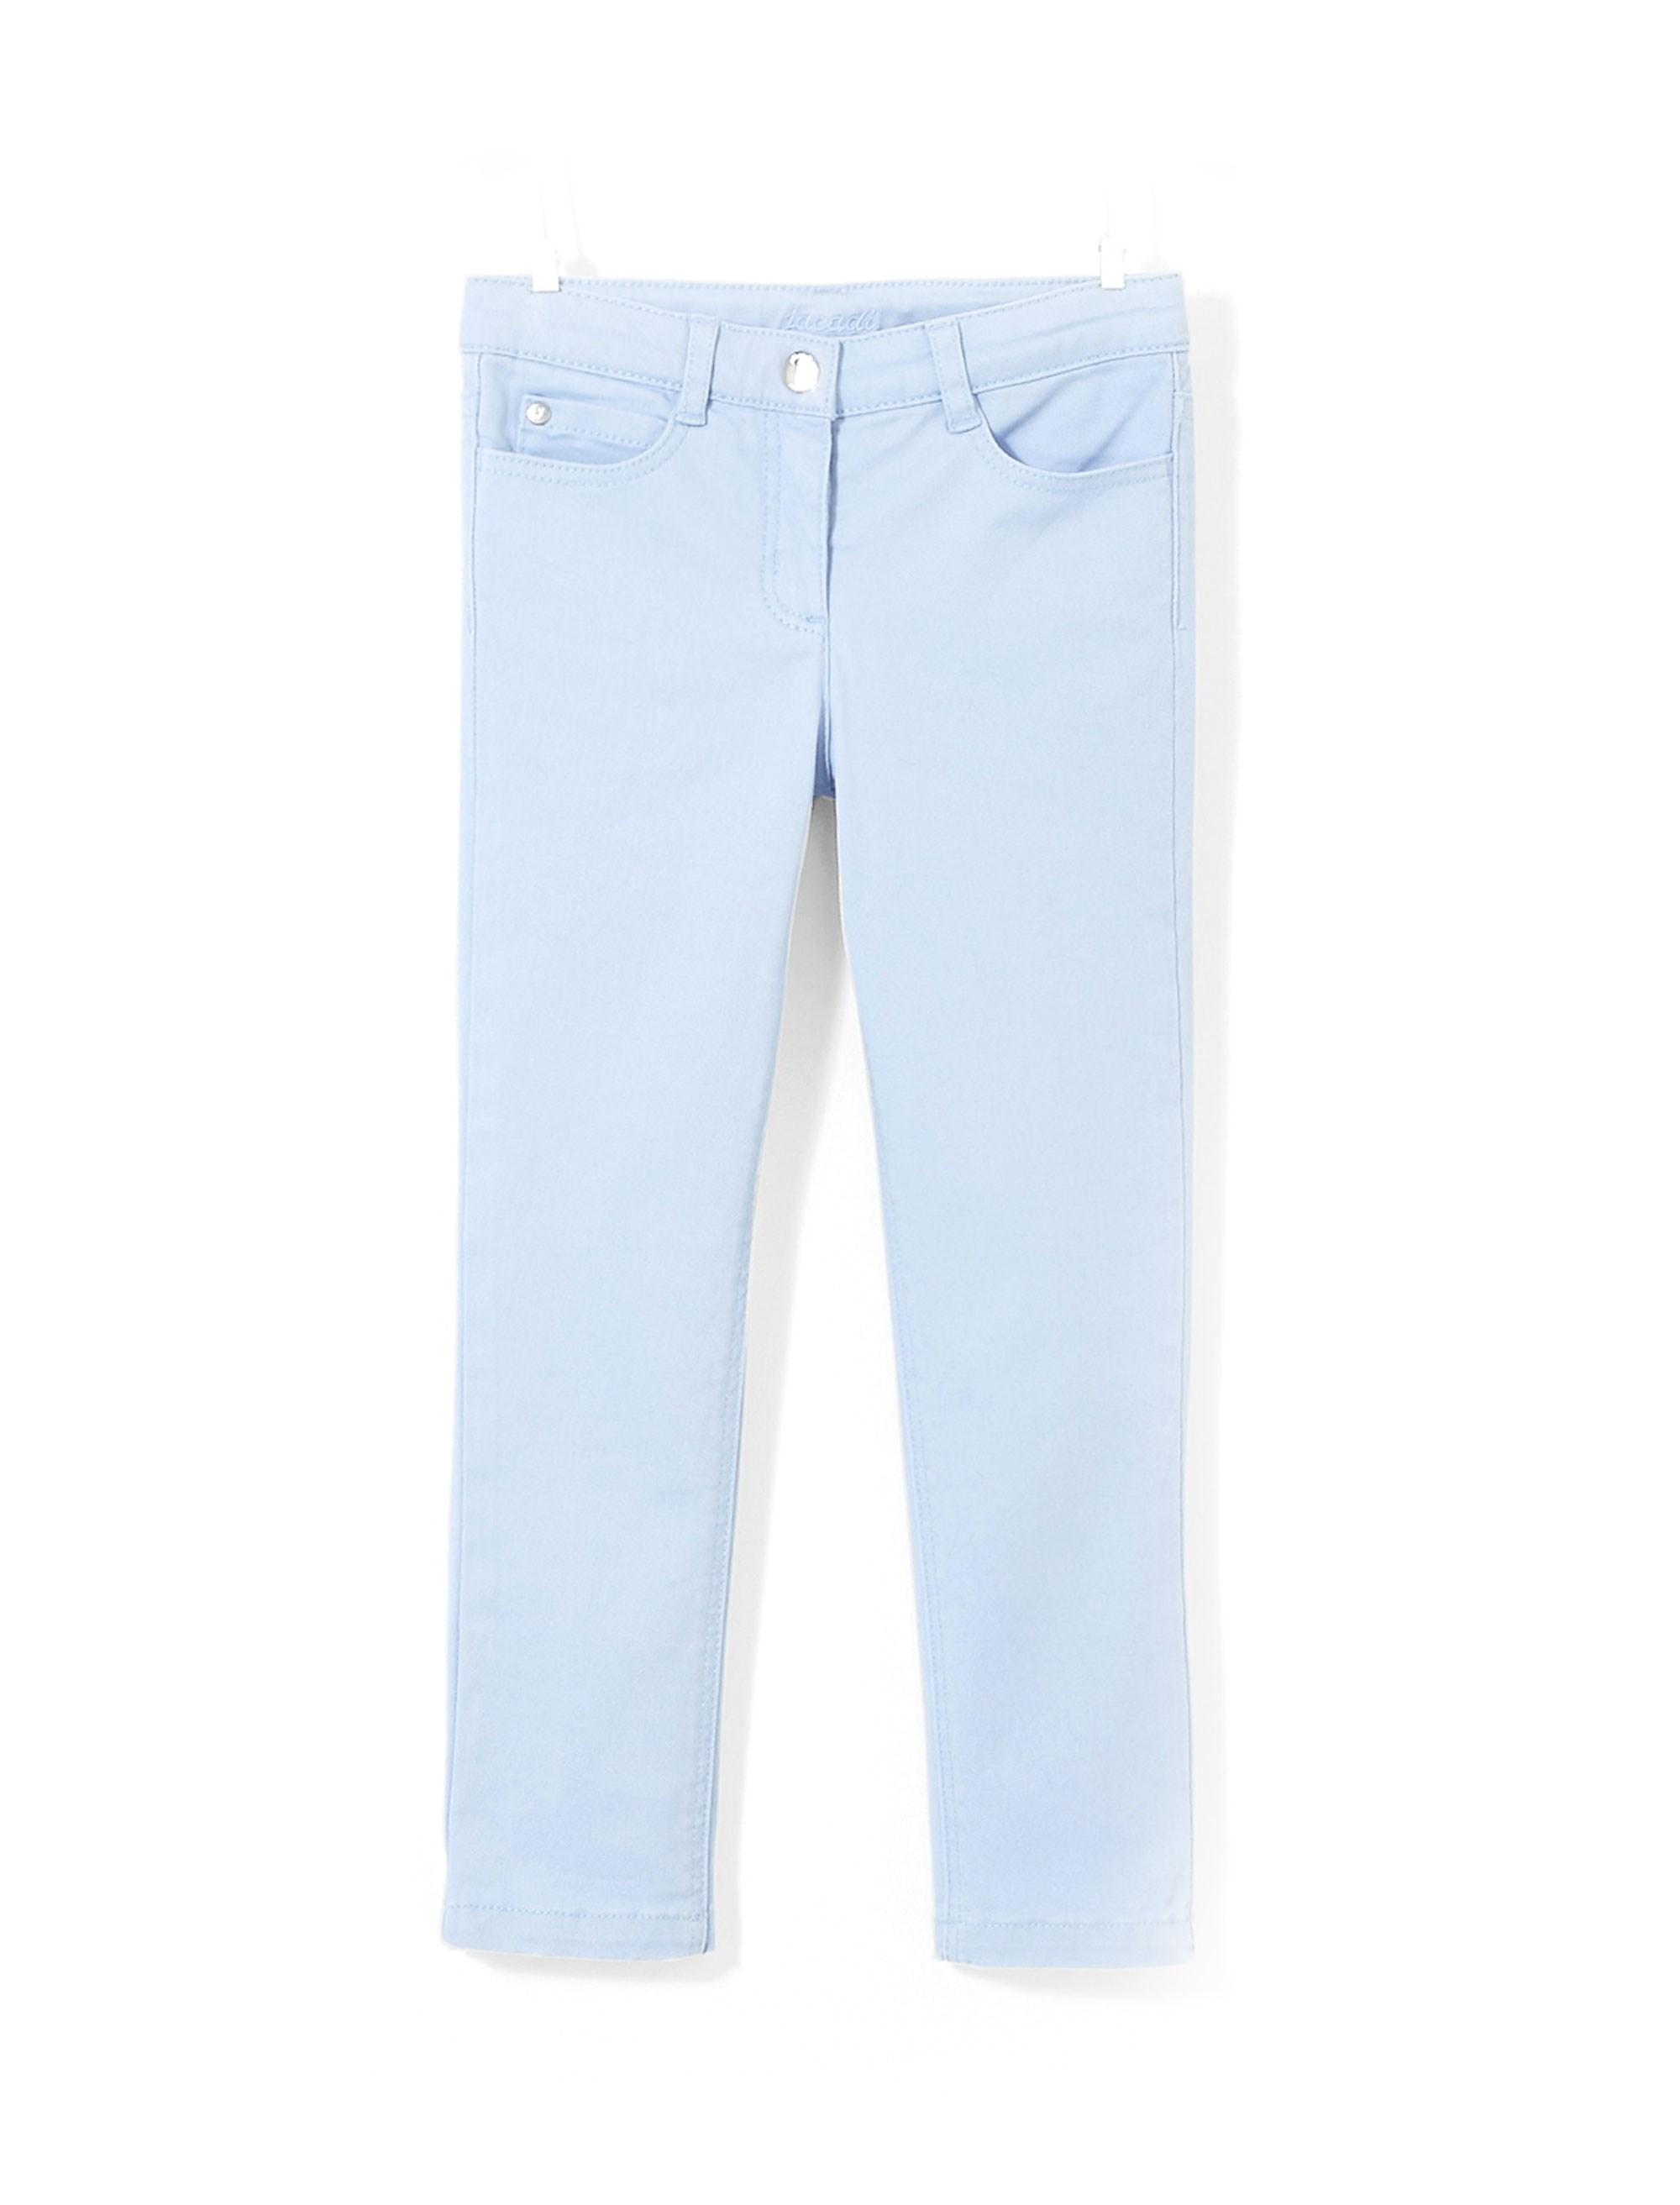 شلوار جین راسته دخترانه Eleonore - جاکادی - آبي روشن - 1